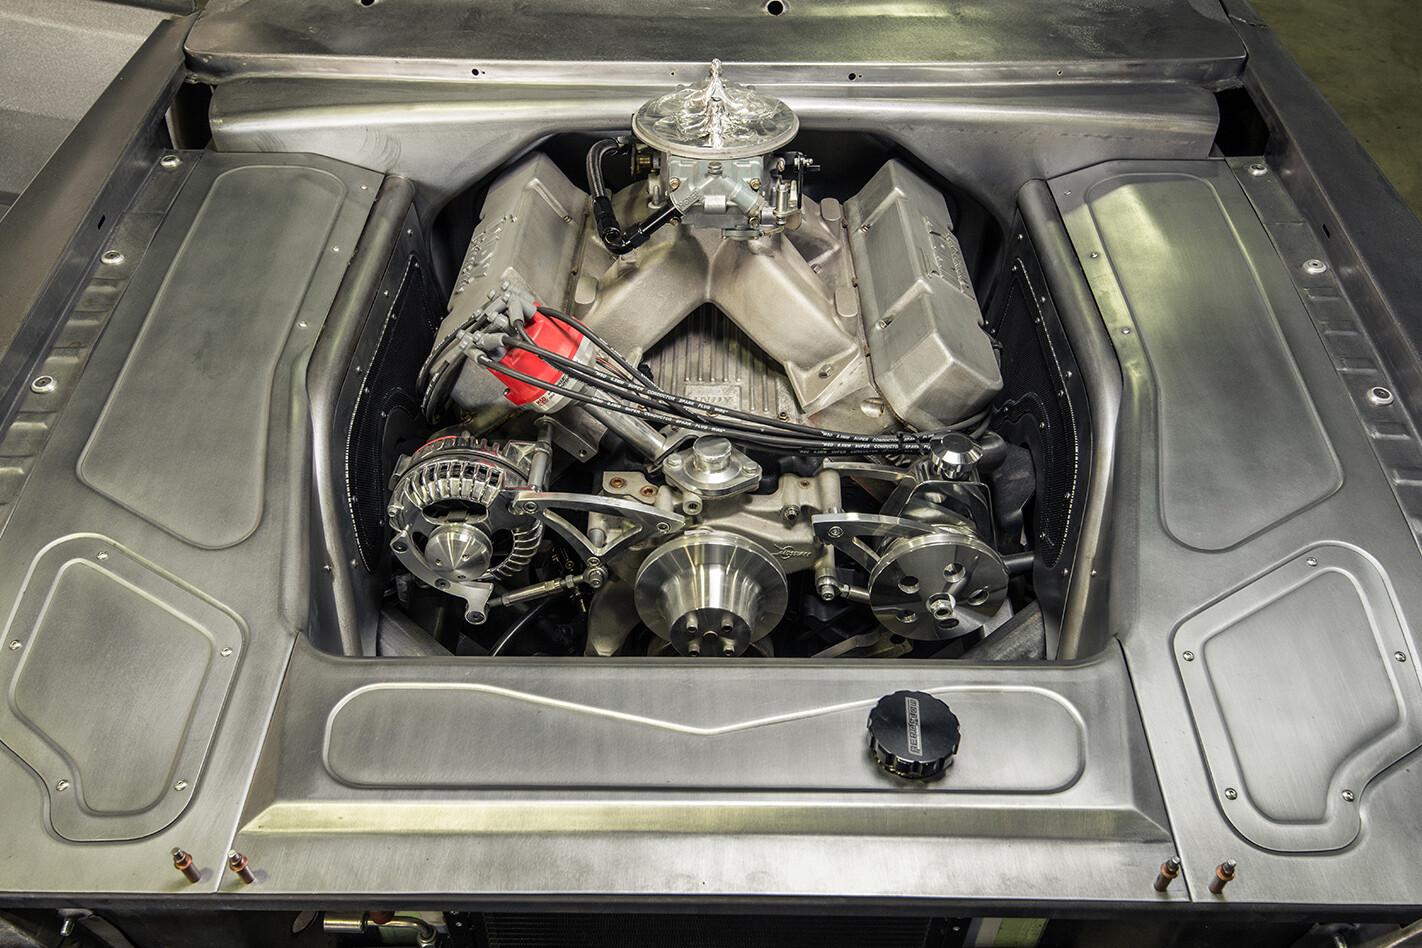 VG Valiant engine